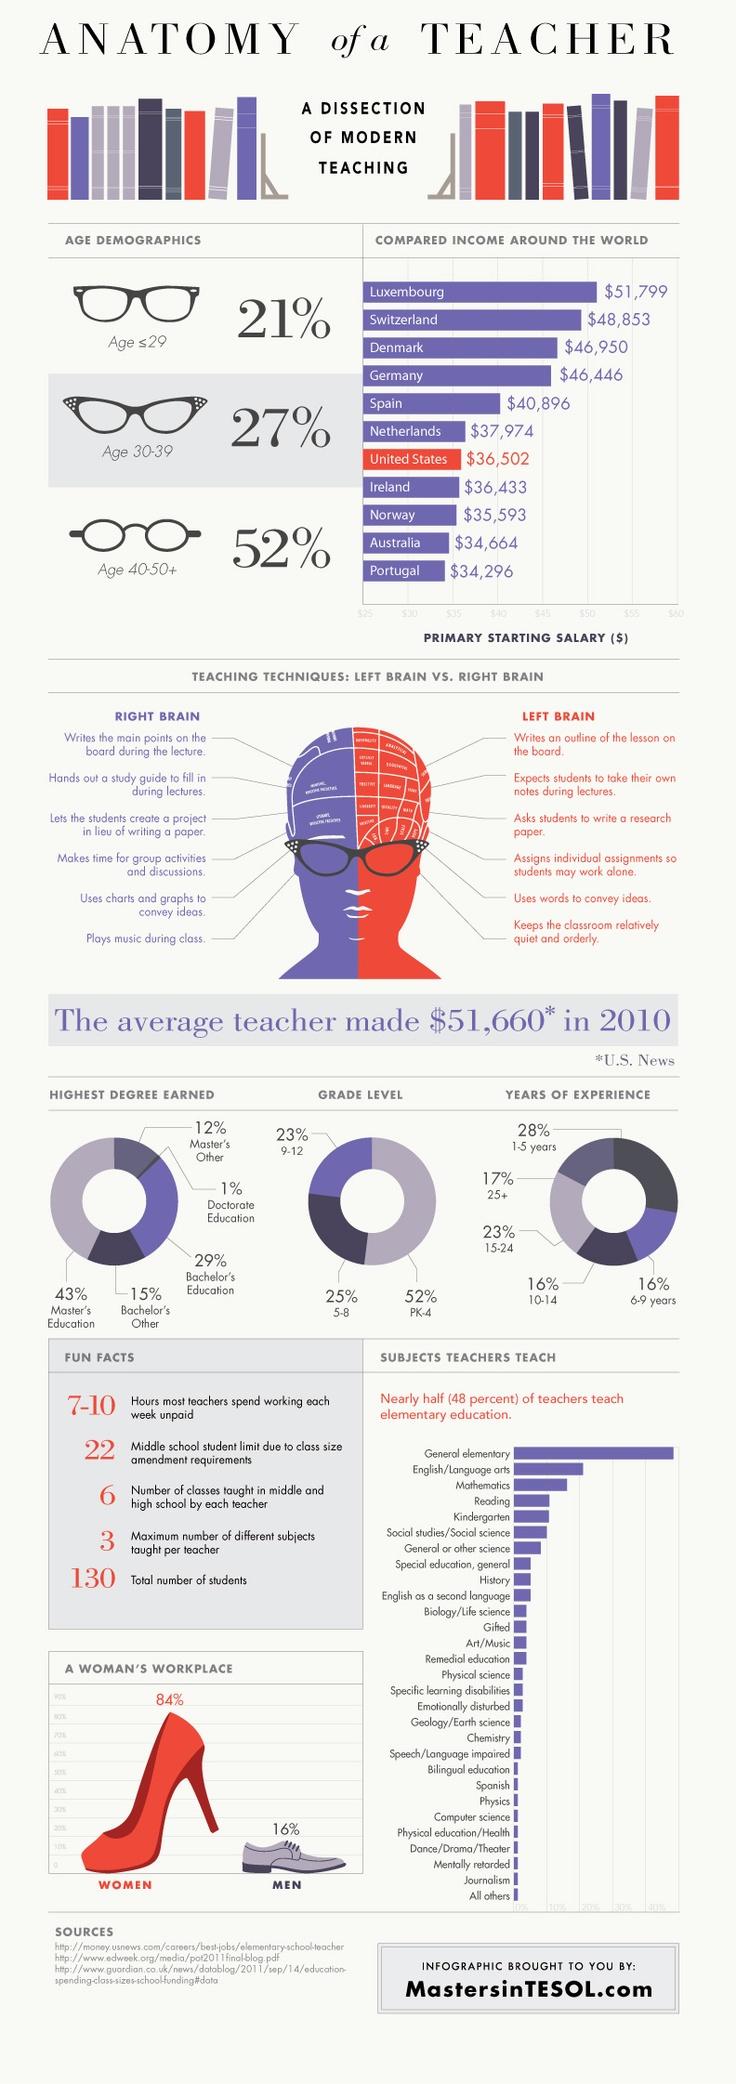 Anatomy of a Teacher